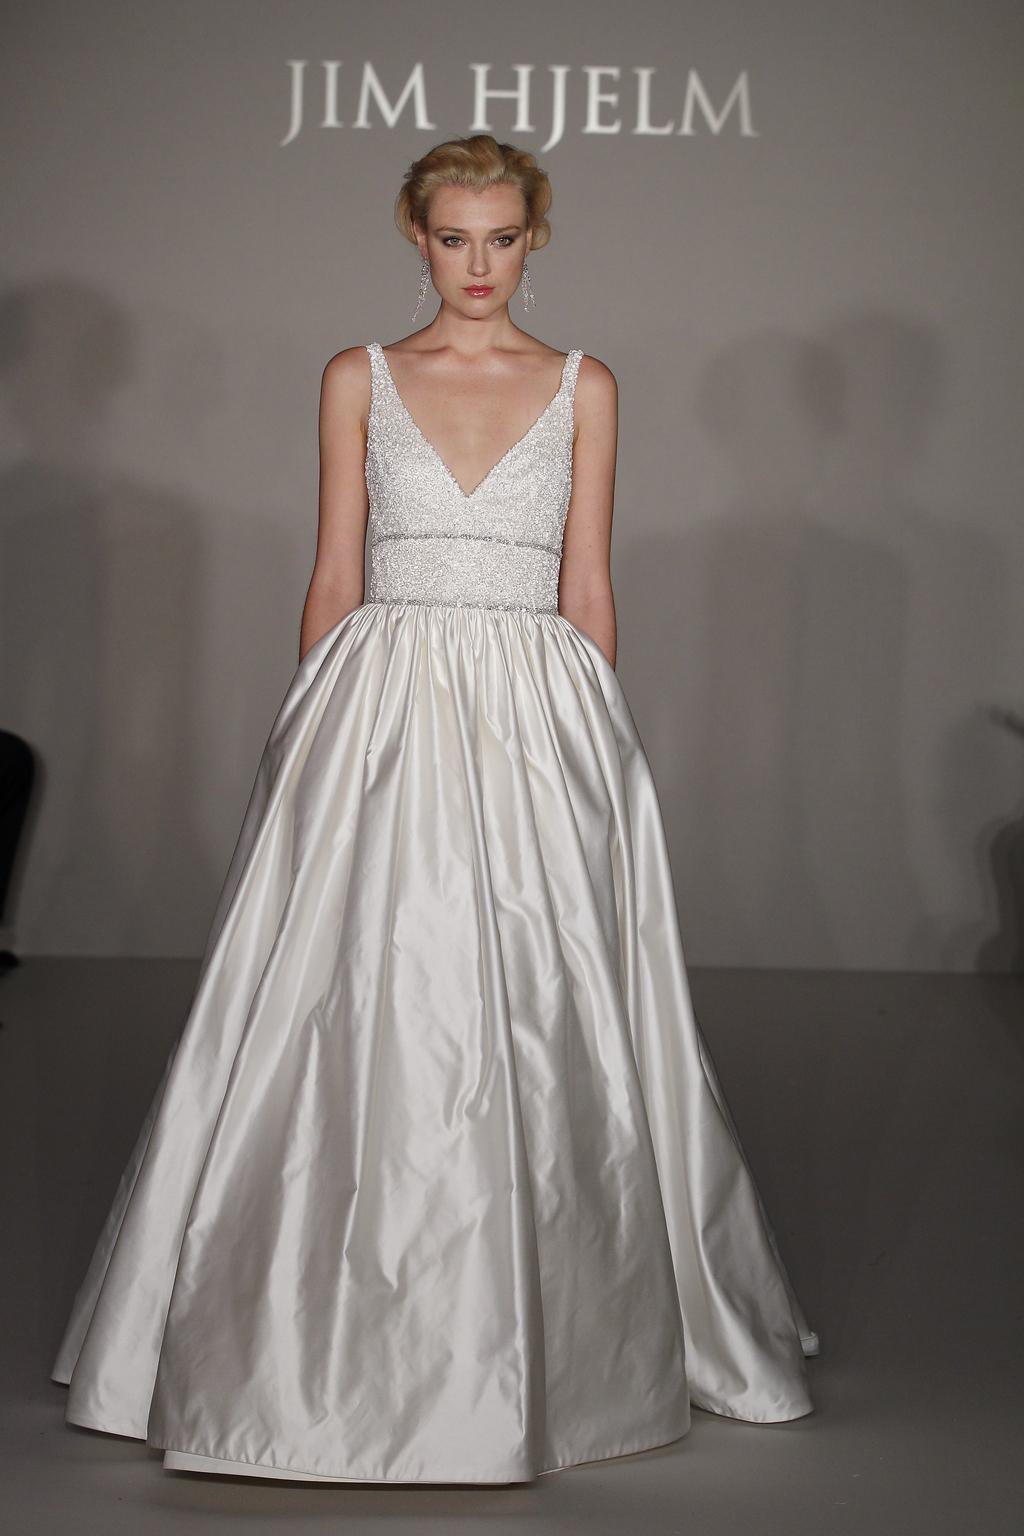 Jim-hjelm-wedding-dress-spring-2012-bridal-gowns-8203.full